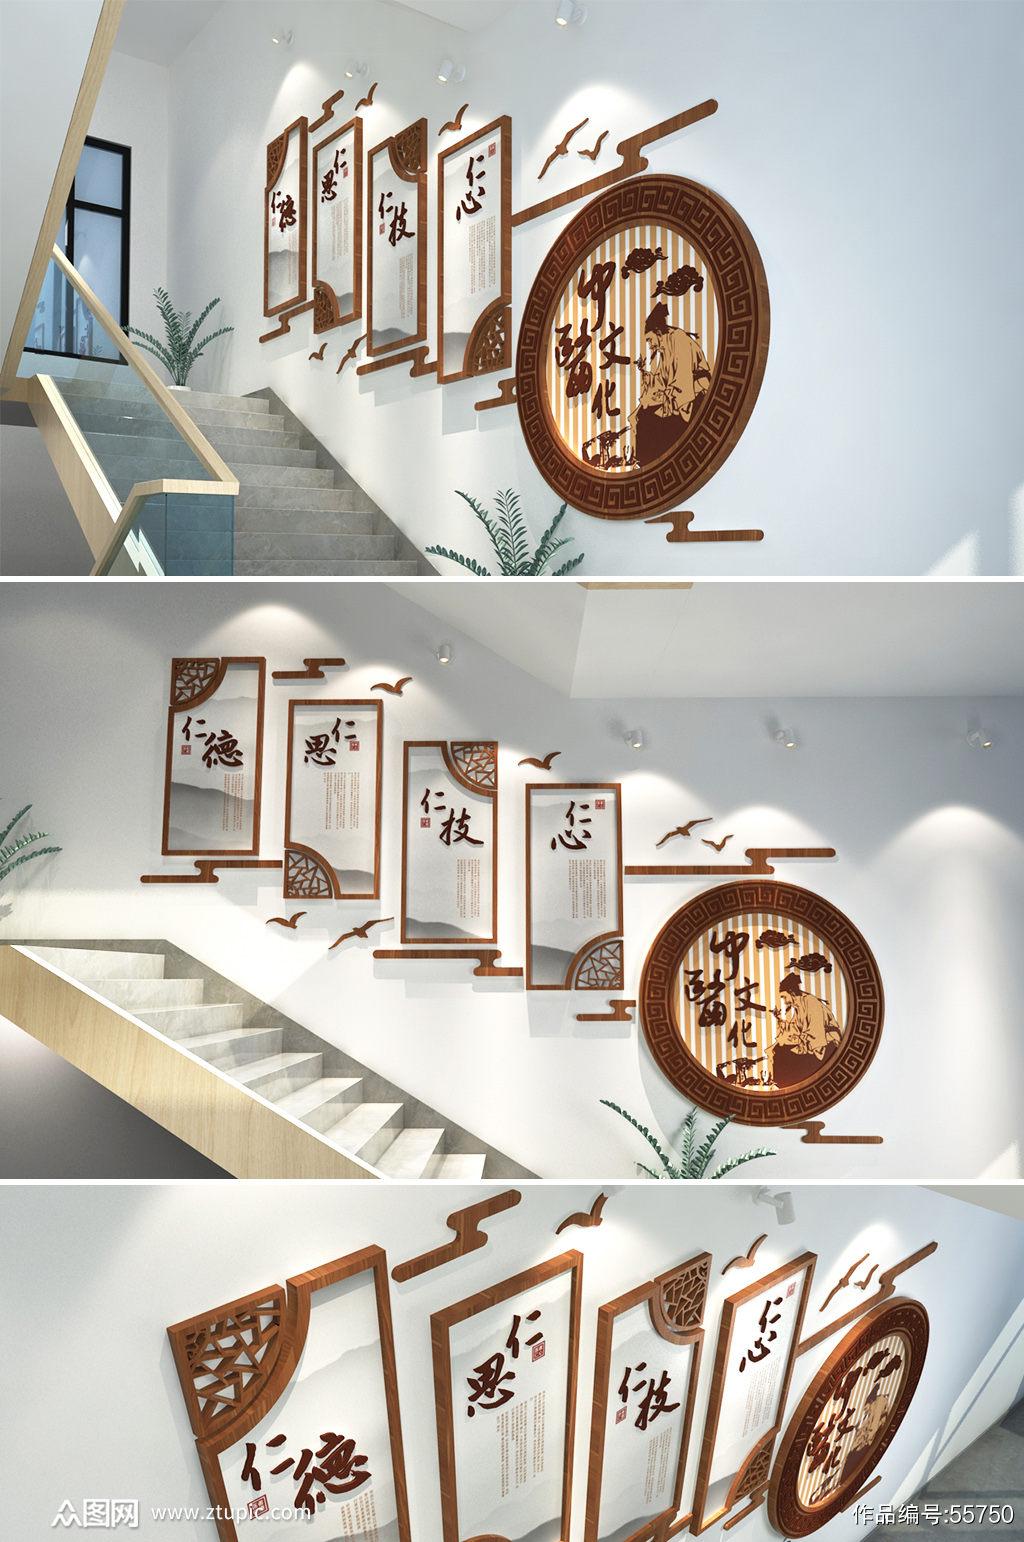 中华文化医院诊所 楼梯医疗文化墙设计布置效果图素材